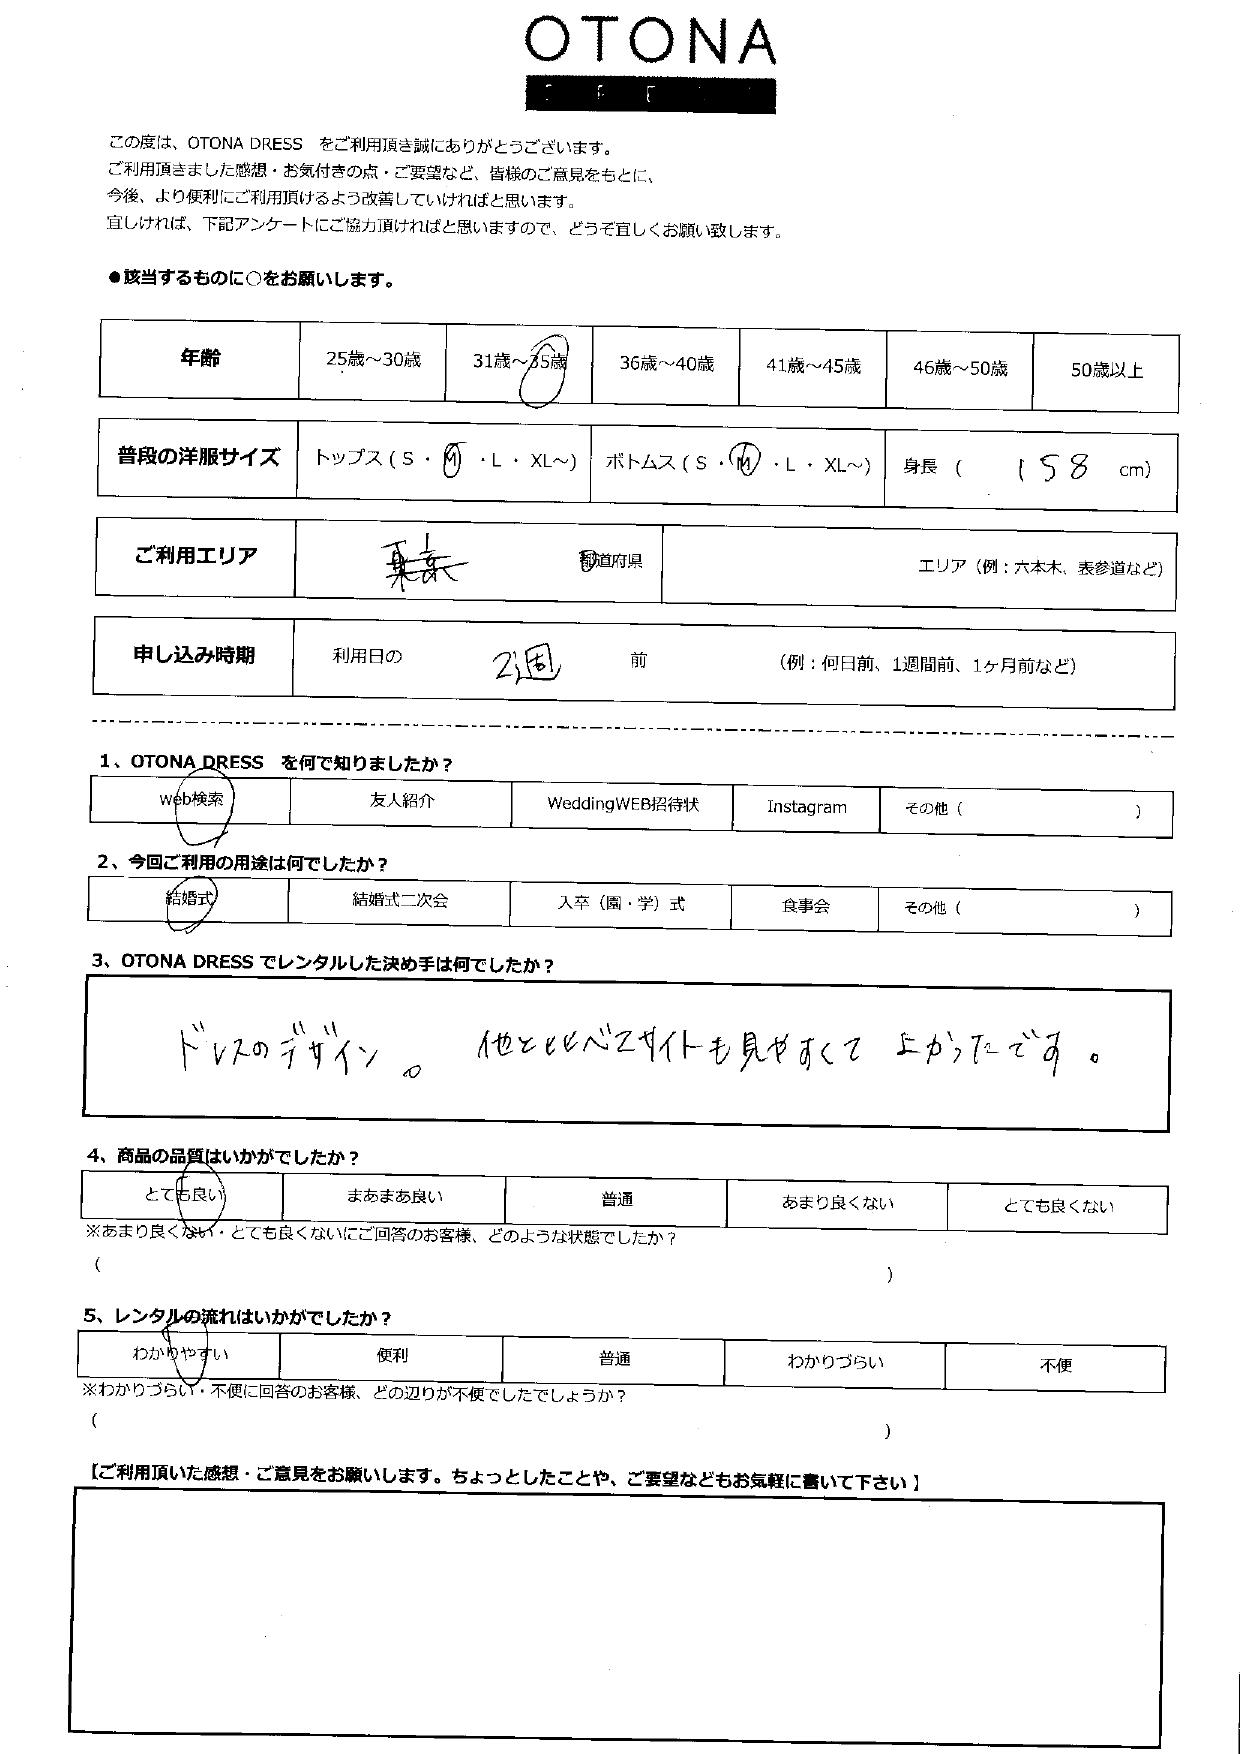 9/25結婚式ご利用 東京エリア